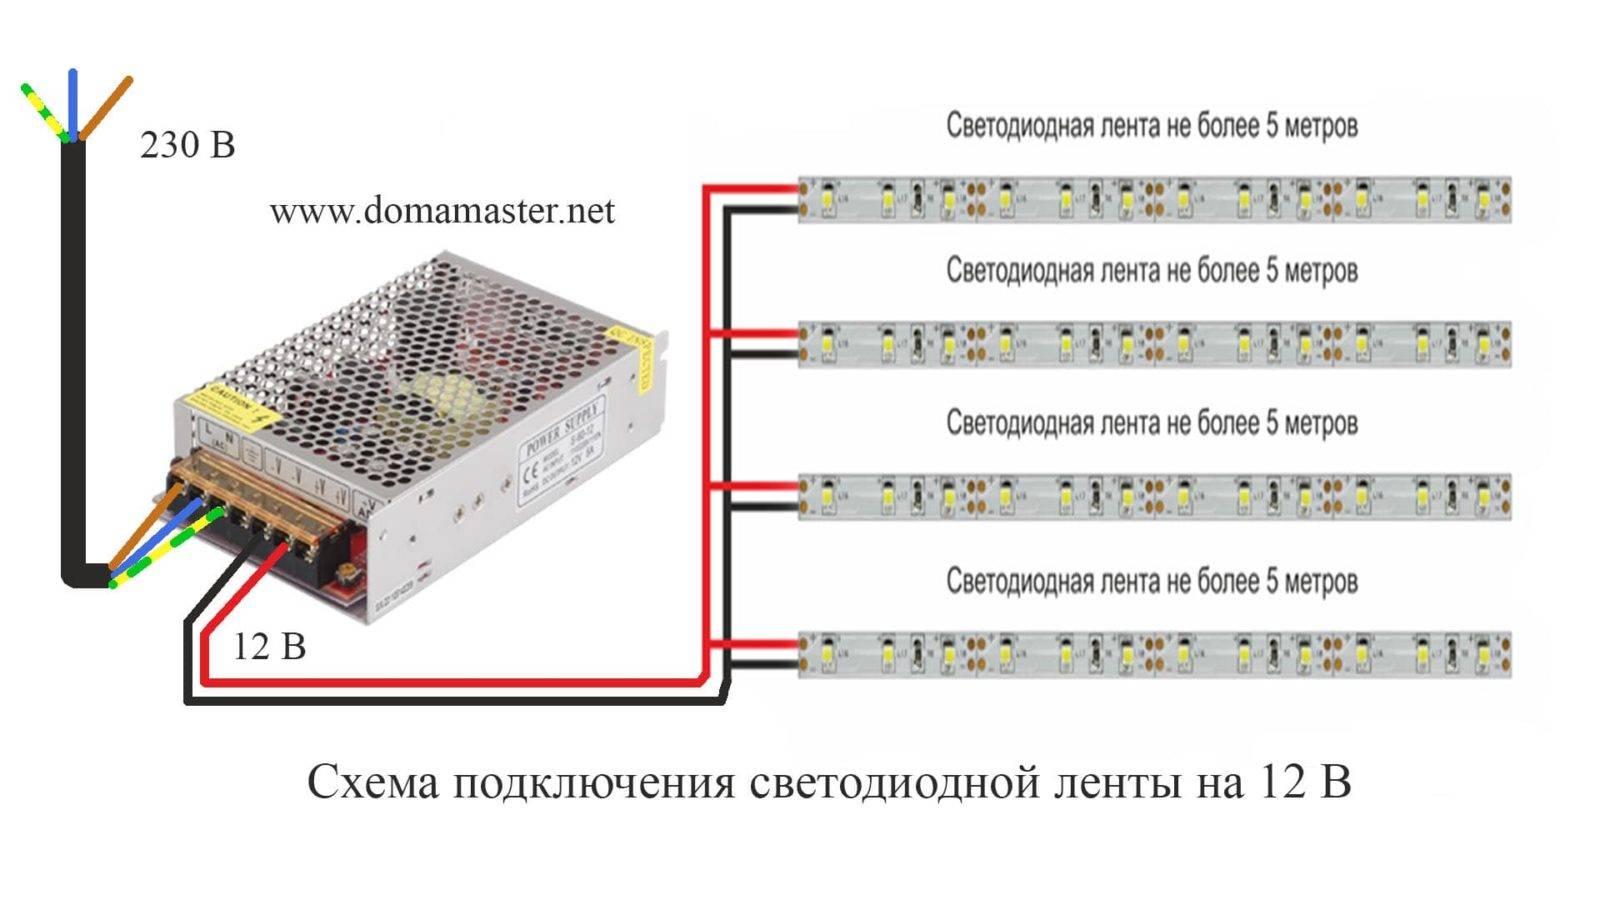 Порядок установки и подключения светодиодной ленты